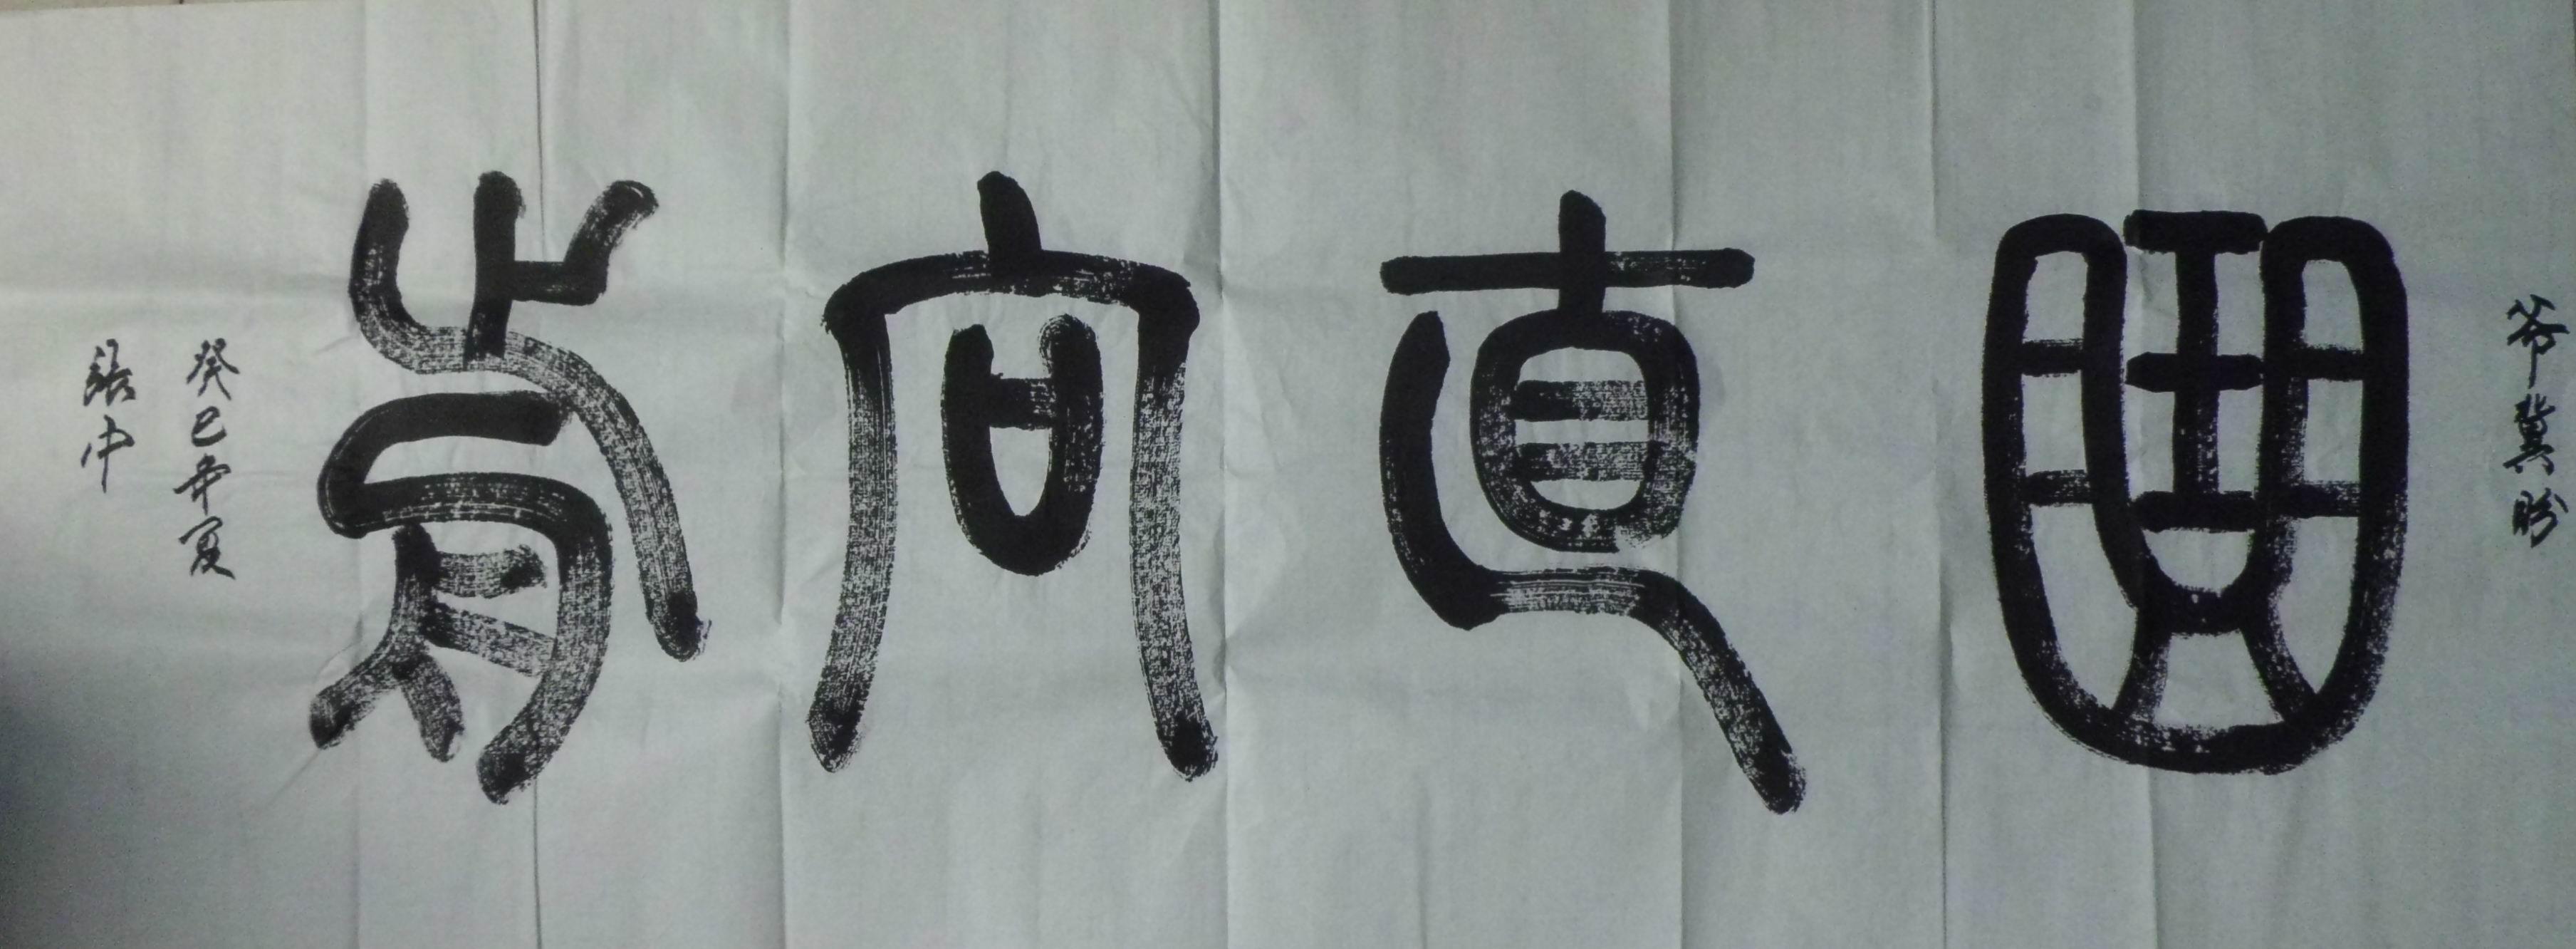 关于社会主义核心价值观及中国梦的毛笔字书法作品